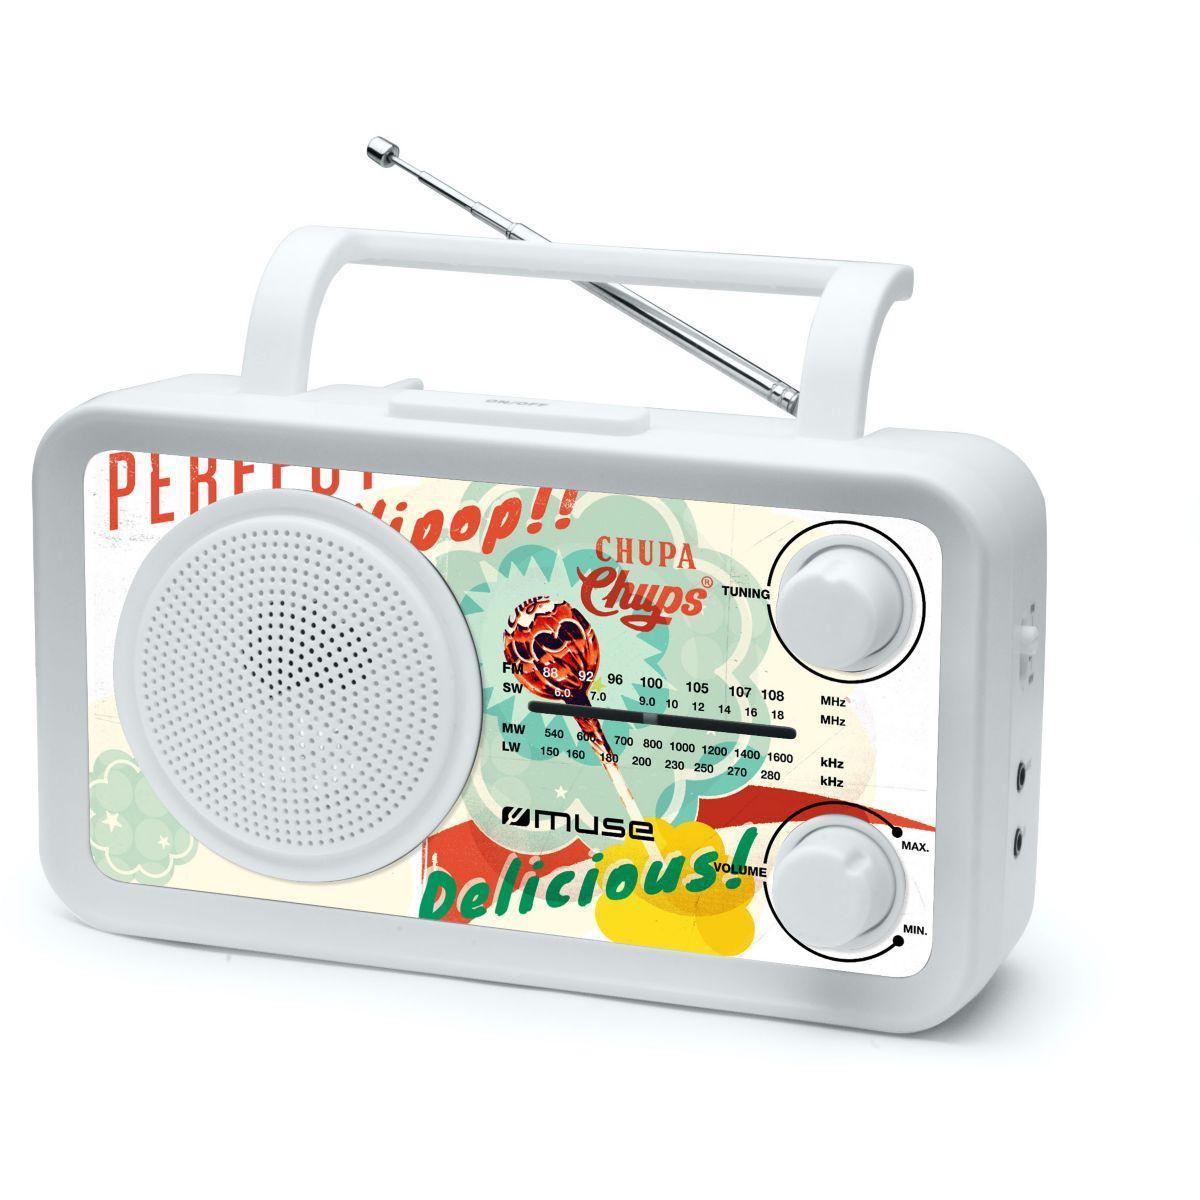 Radio muse m-05 cc - 2% de remise imm?diate avec le code : wd2